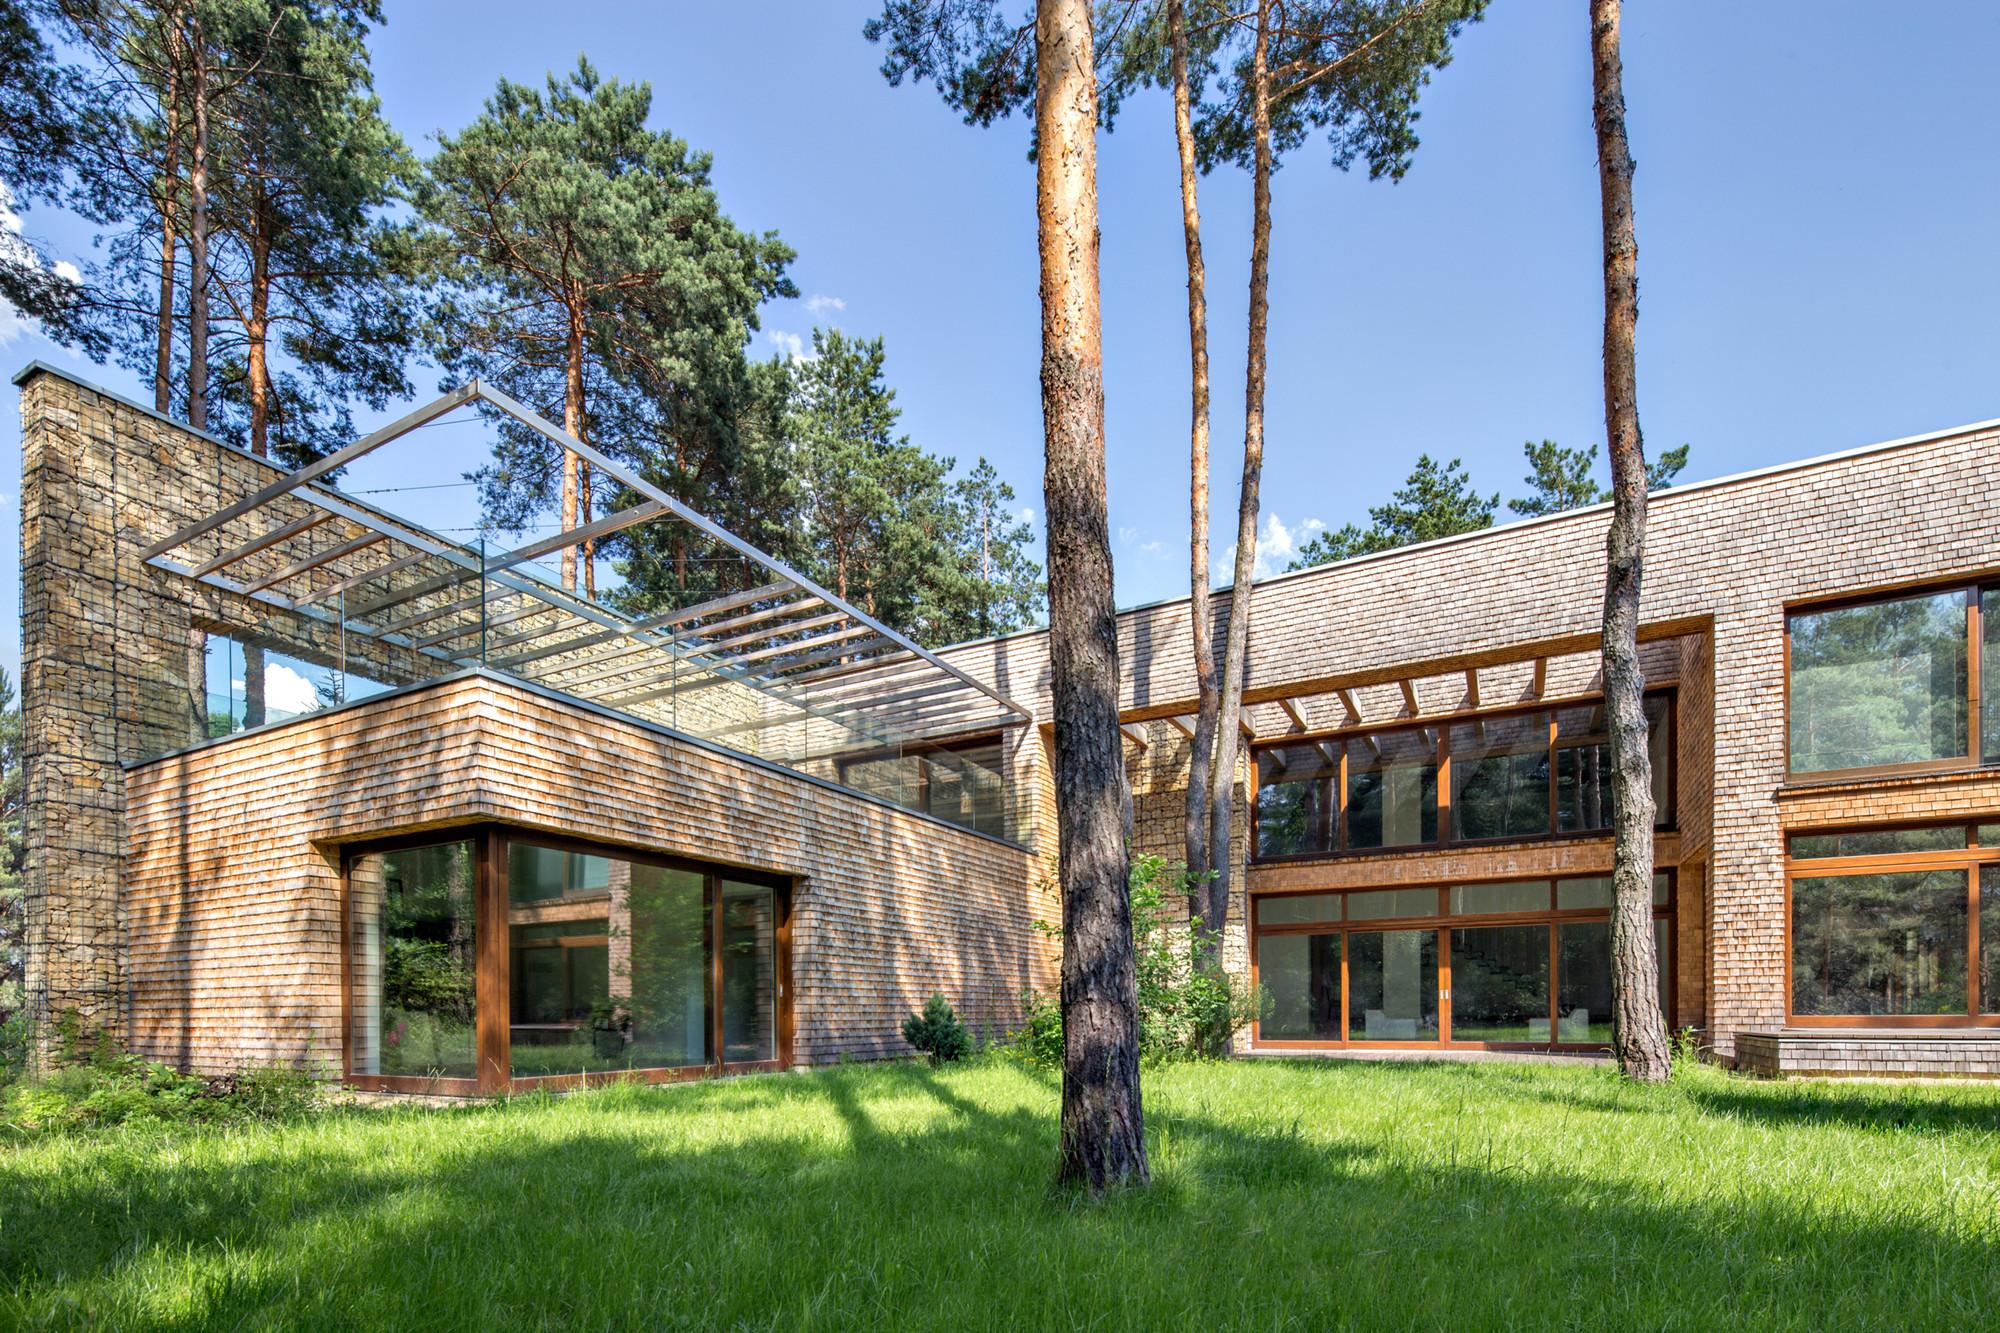 Forest House / Biuro Architektoniczne Barycz & Saramowicz, Courtesy of Biuro Architektoniczne Barycz & Saramowicz